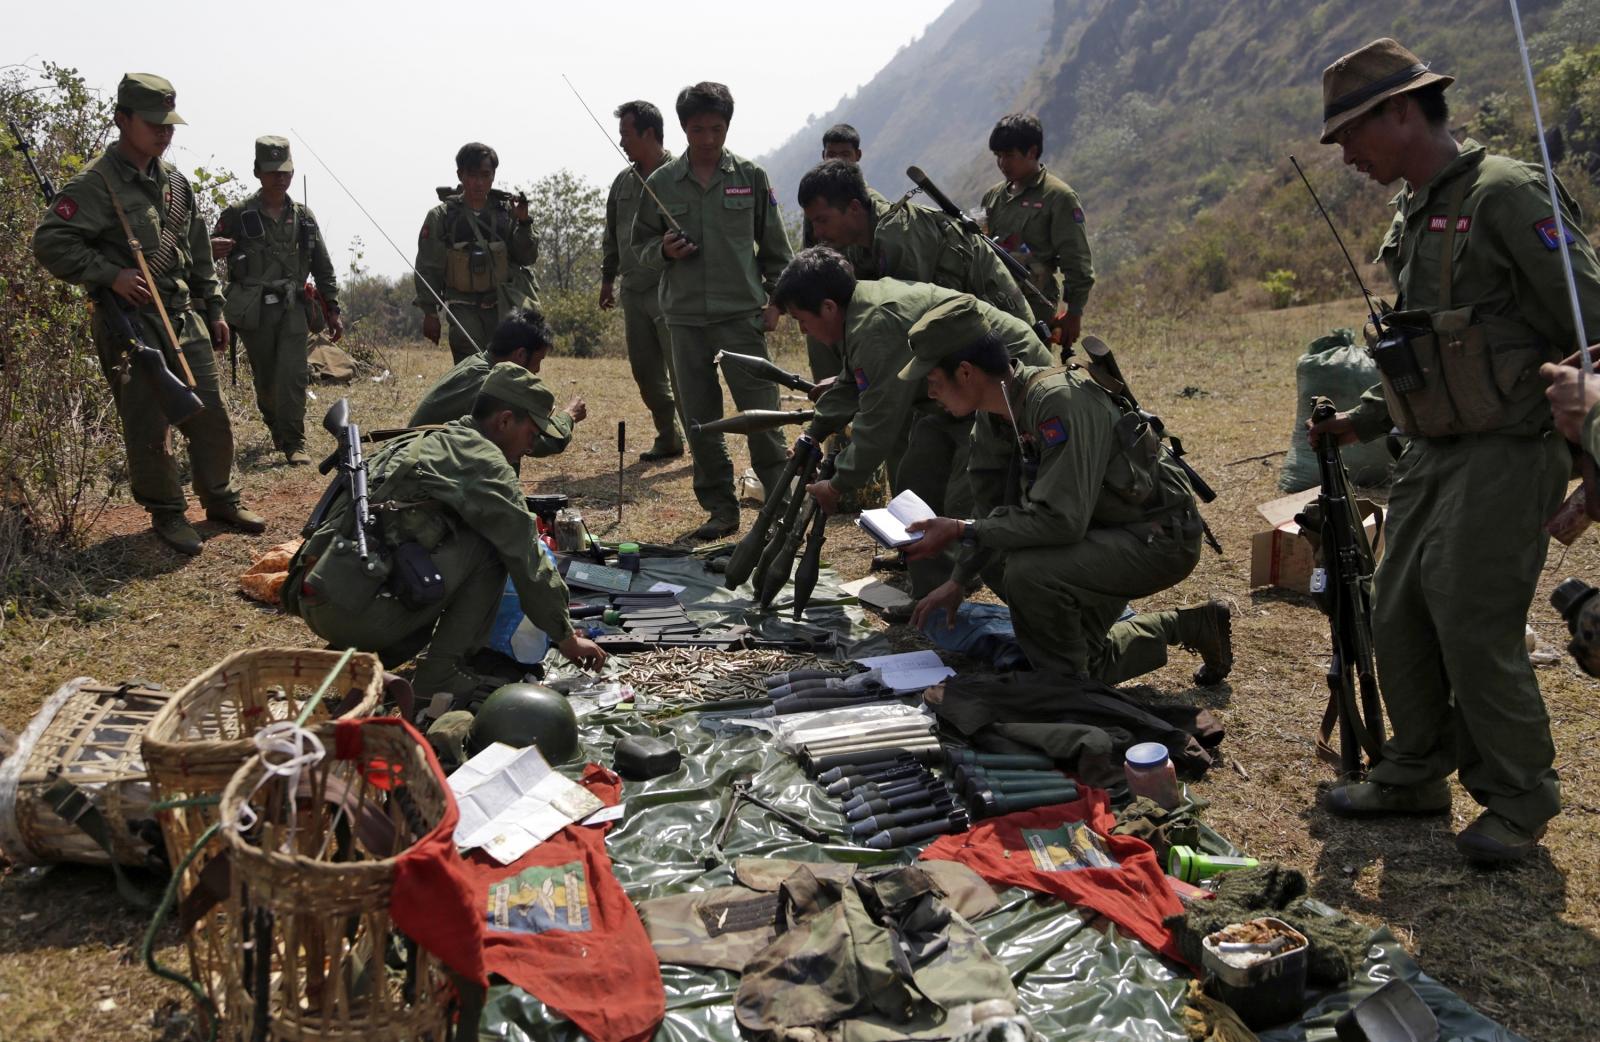 Myanmar rebels violence